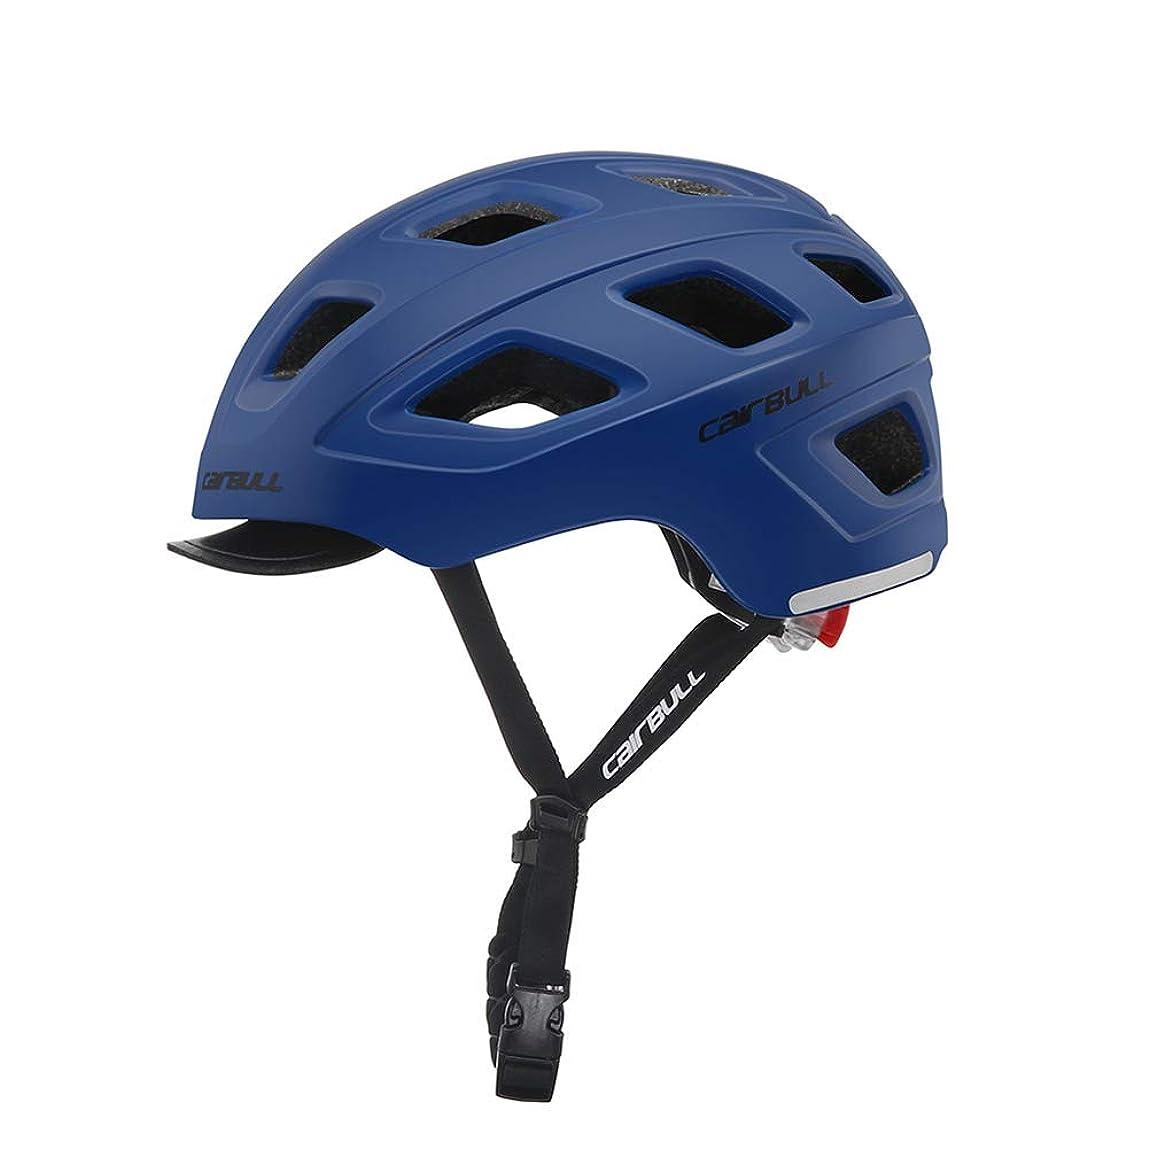 クアッガ外交官リゾートTogethluer 安全 丈夫 サイクリング バイク ヘルメット Cairbull Castle 調節可能 サイクリング 自転車 ライディング スポーツ 安全ヘルメット